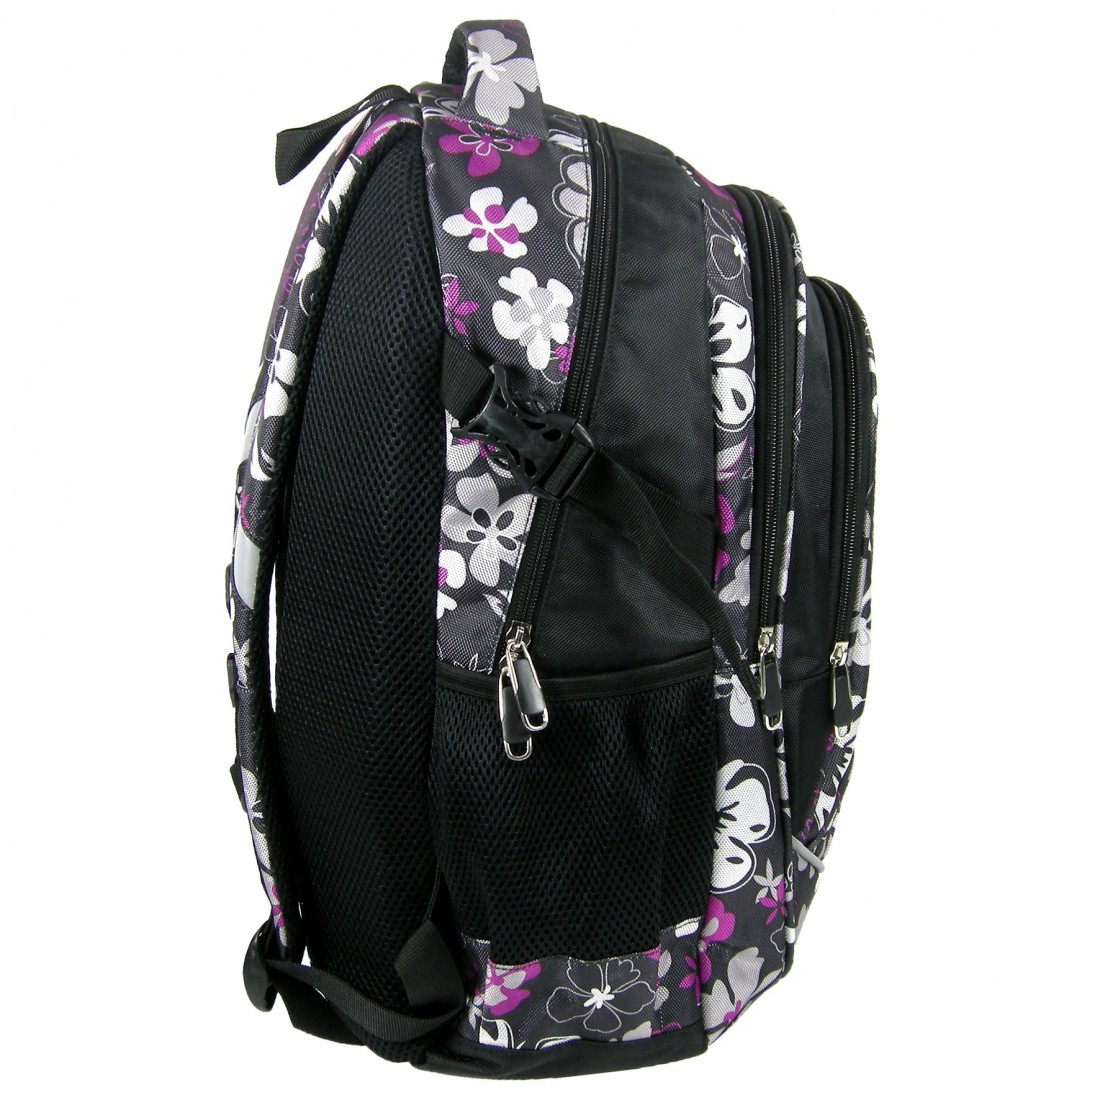 Plecak Jetbag Młodzieżowy Kwiaty - plecak-tornister.pl